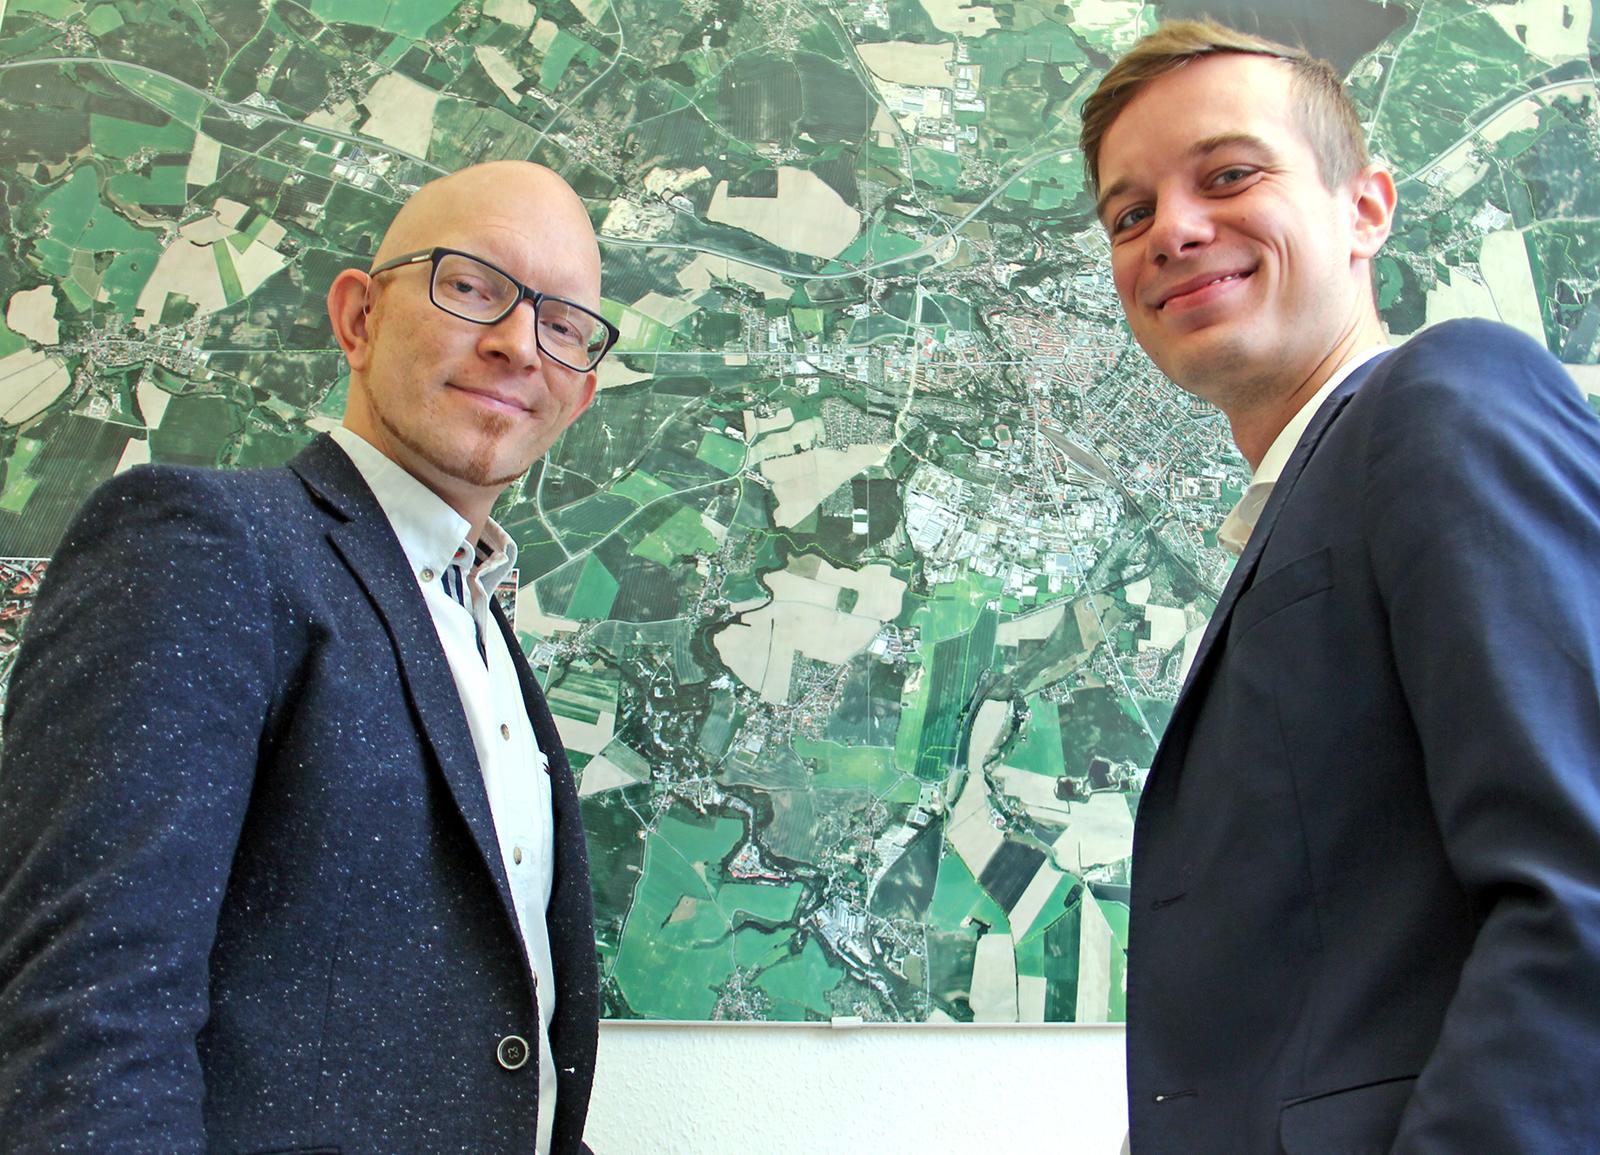 Andreas Schwerin (r) mit Wirtschaftsförderer Alexander Scharfenberg stehen vor dem Stadtplan von Bautzen